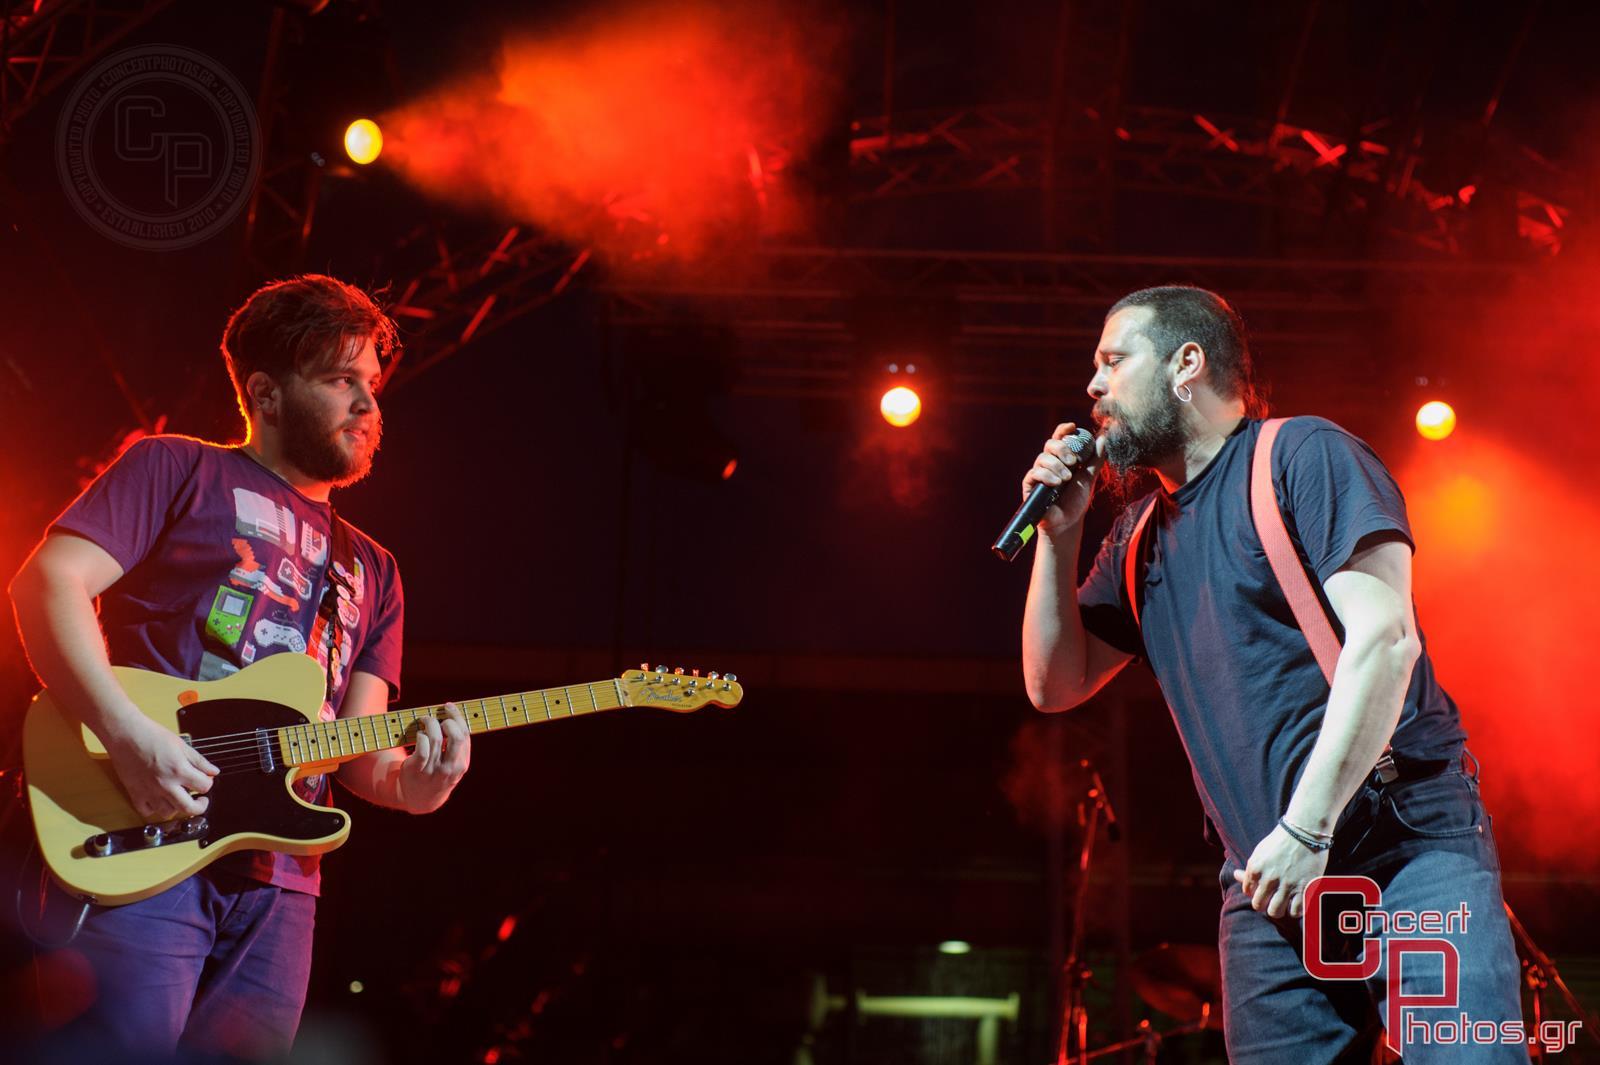 Μία συναυλία για τη Σχεδία 2014-Sxedia 2014 photographer:  - concertphotos_20140526_21_18_17